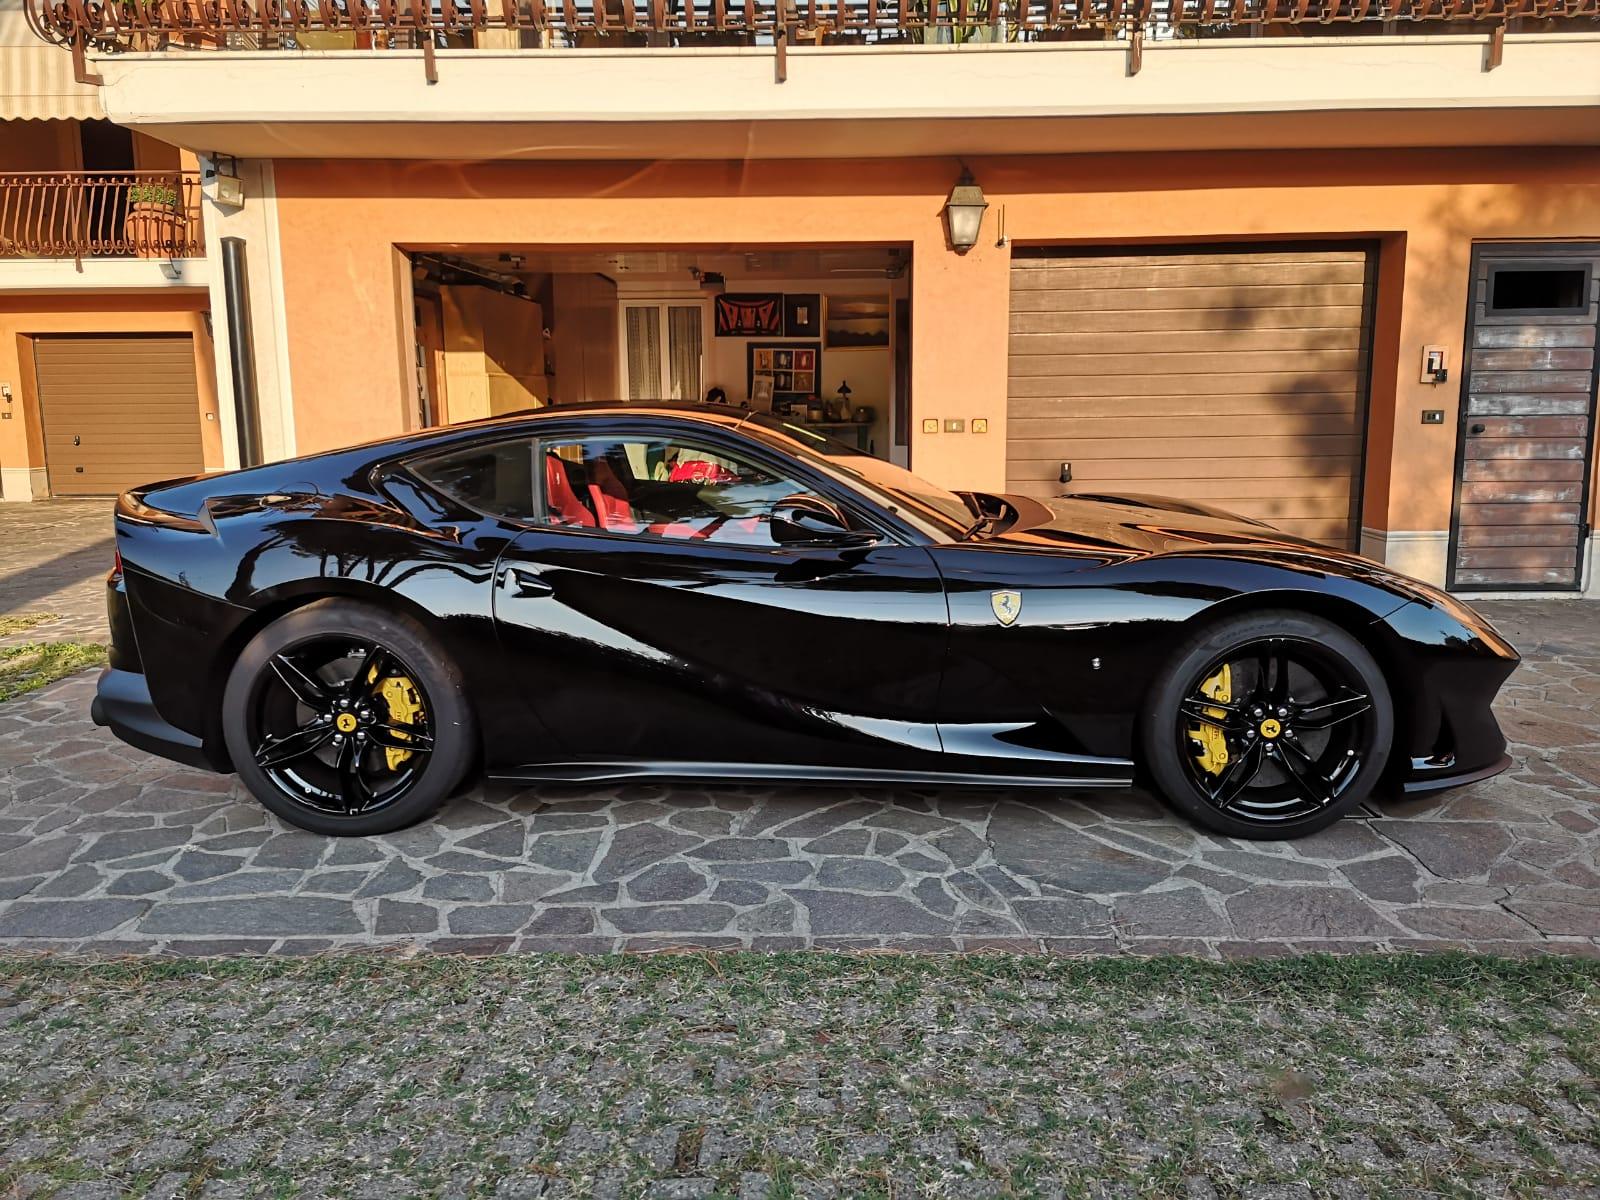 Vorführwagen Sportwagen Ferrari 812 Superfast 6 5 Km3350 3350 Km Für 295900 Chf Kaufen Auf Carforyou Ch